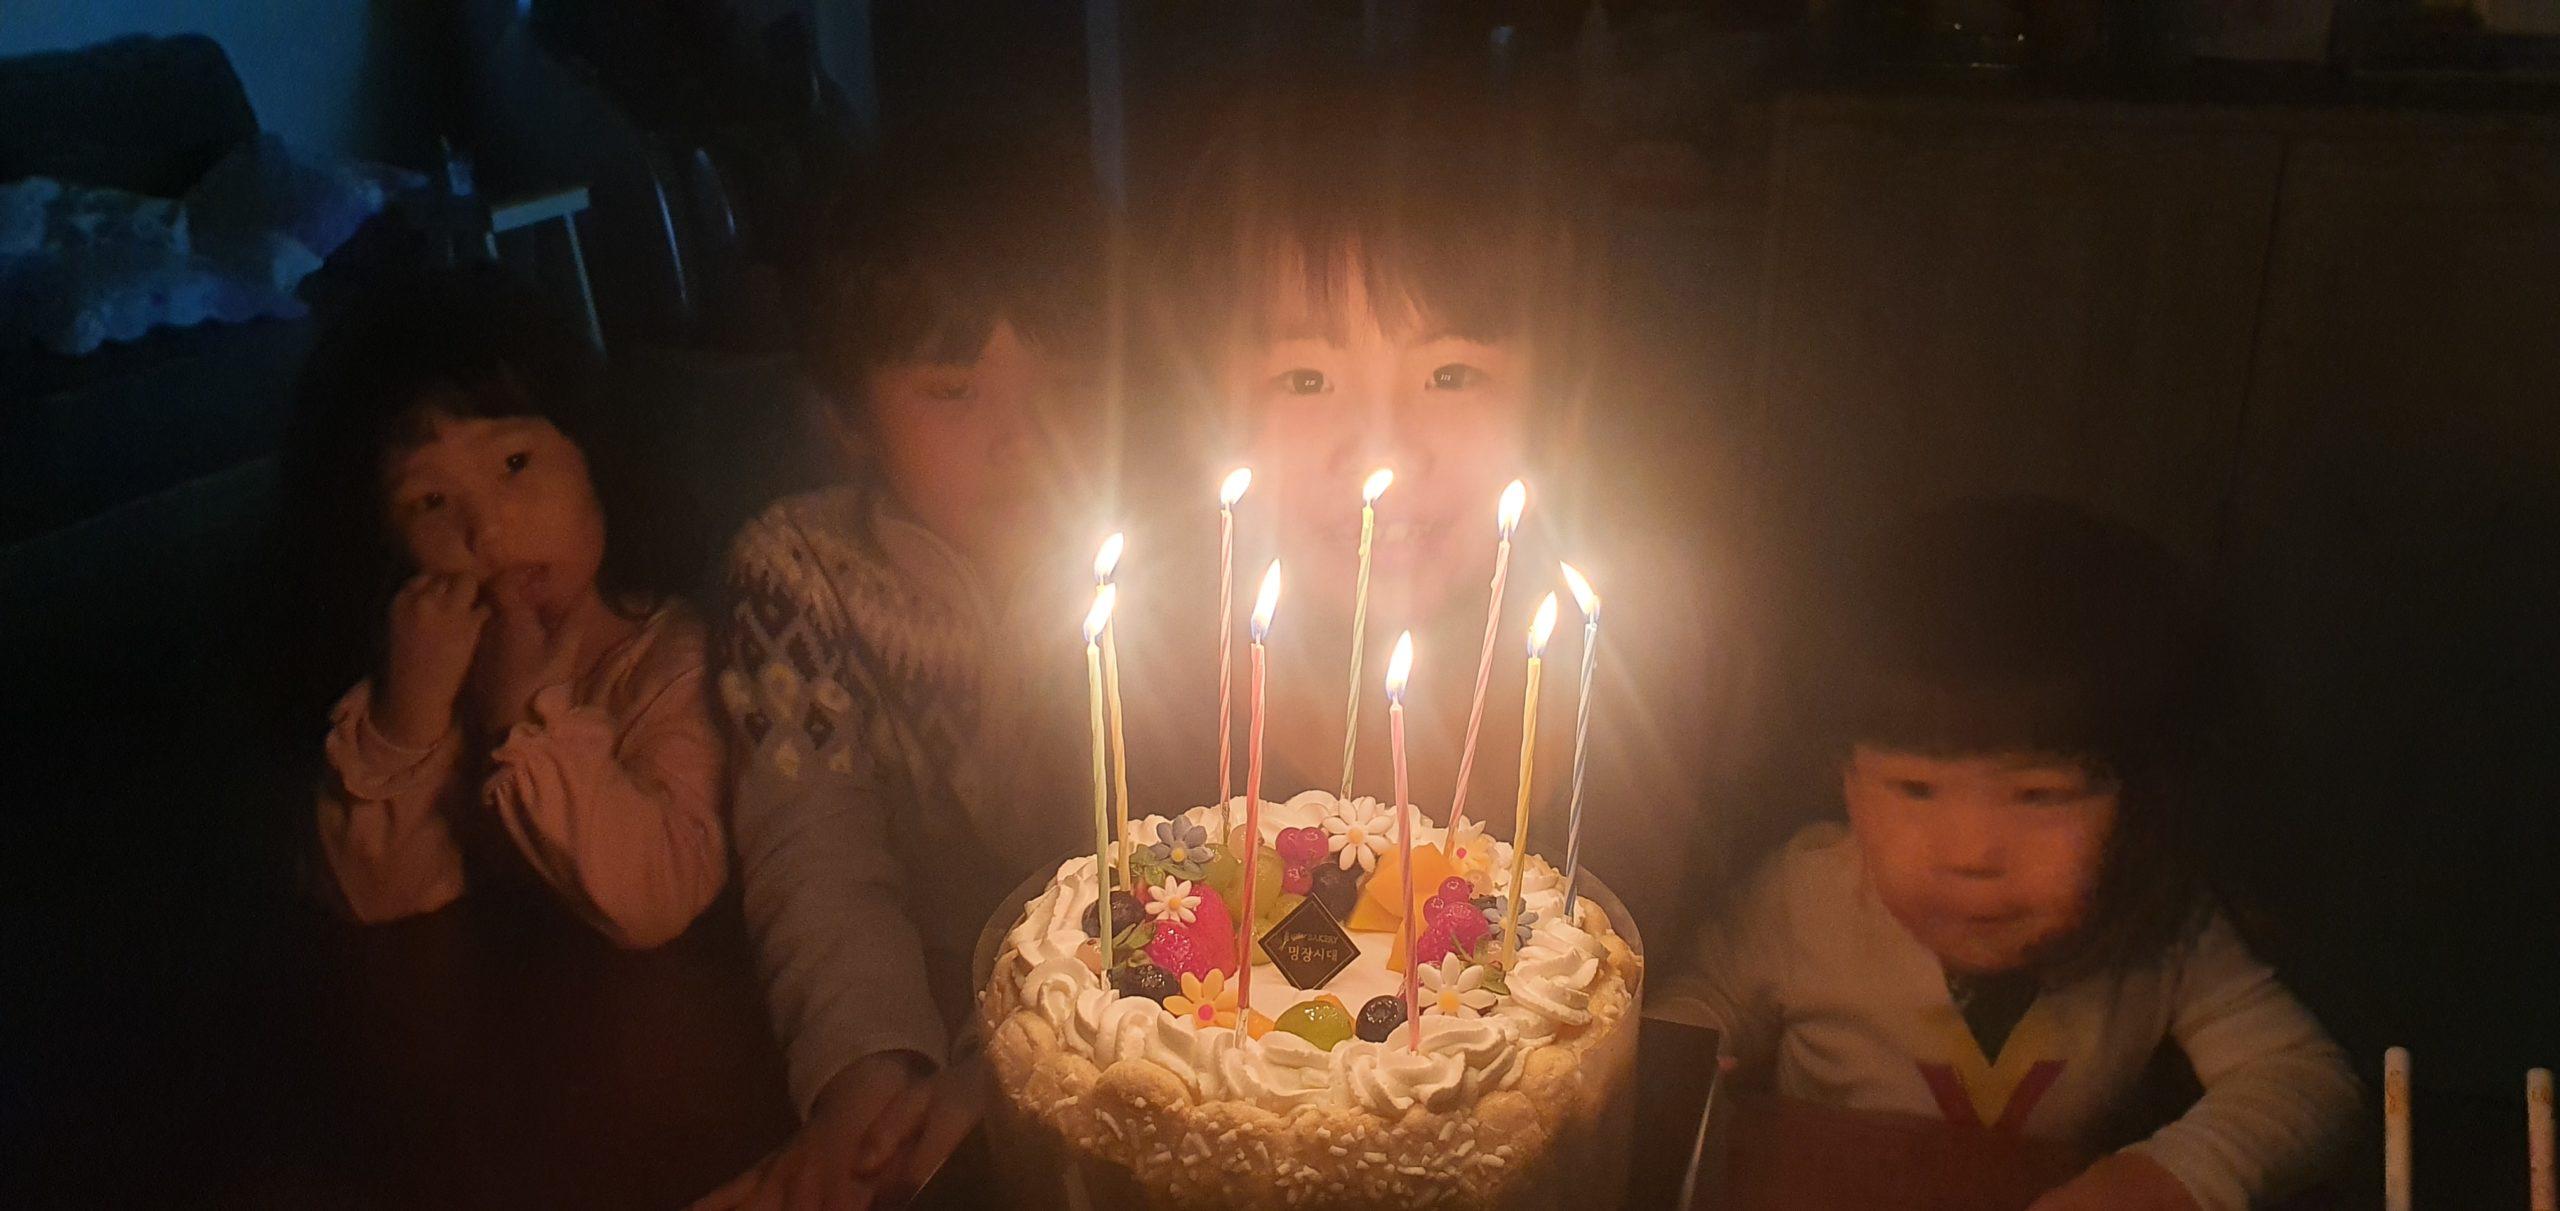 【我が家の灯】8歳になりました。